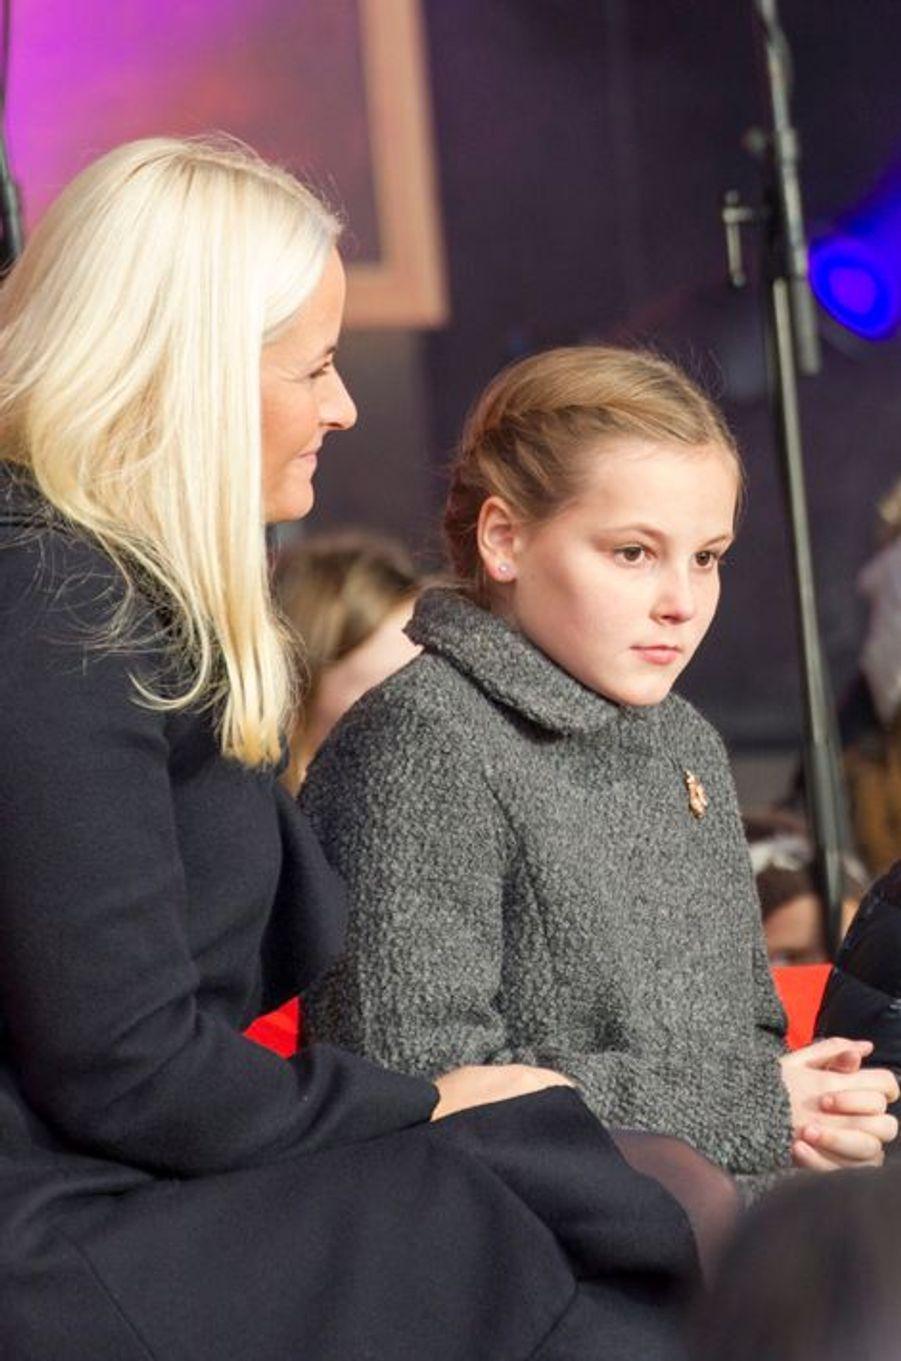 La princesse Mette-Marit et la princesse Ingrid Alexandra à Oslo le 10 décembre 2014